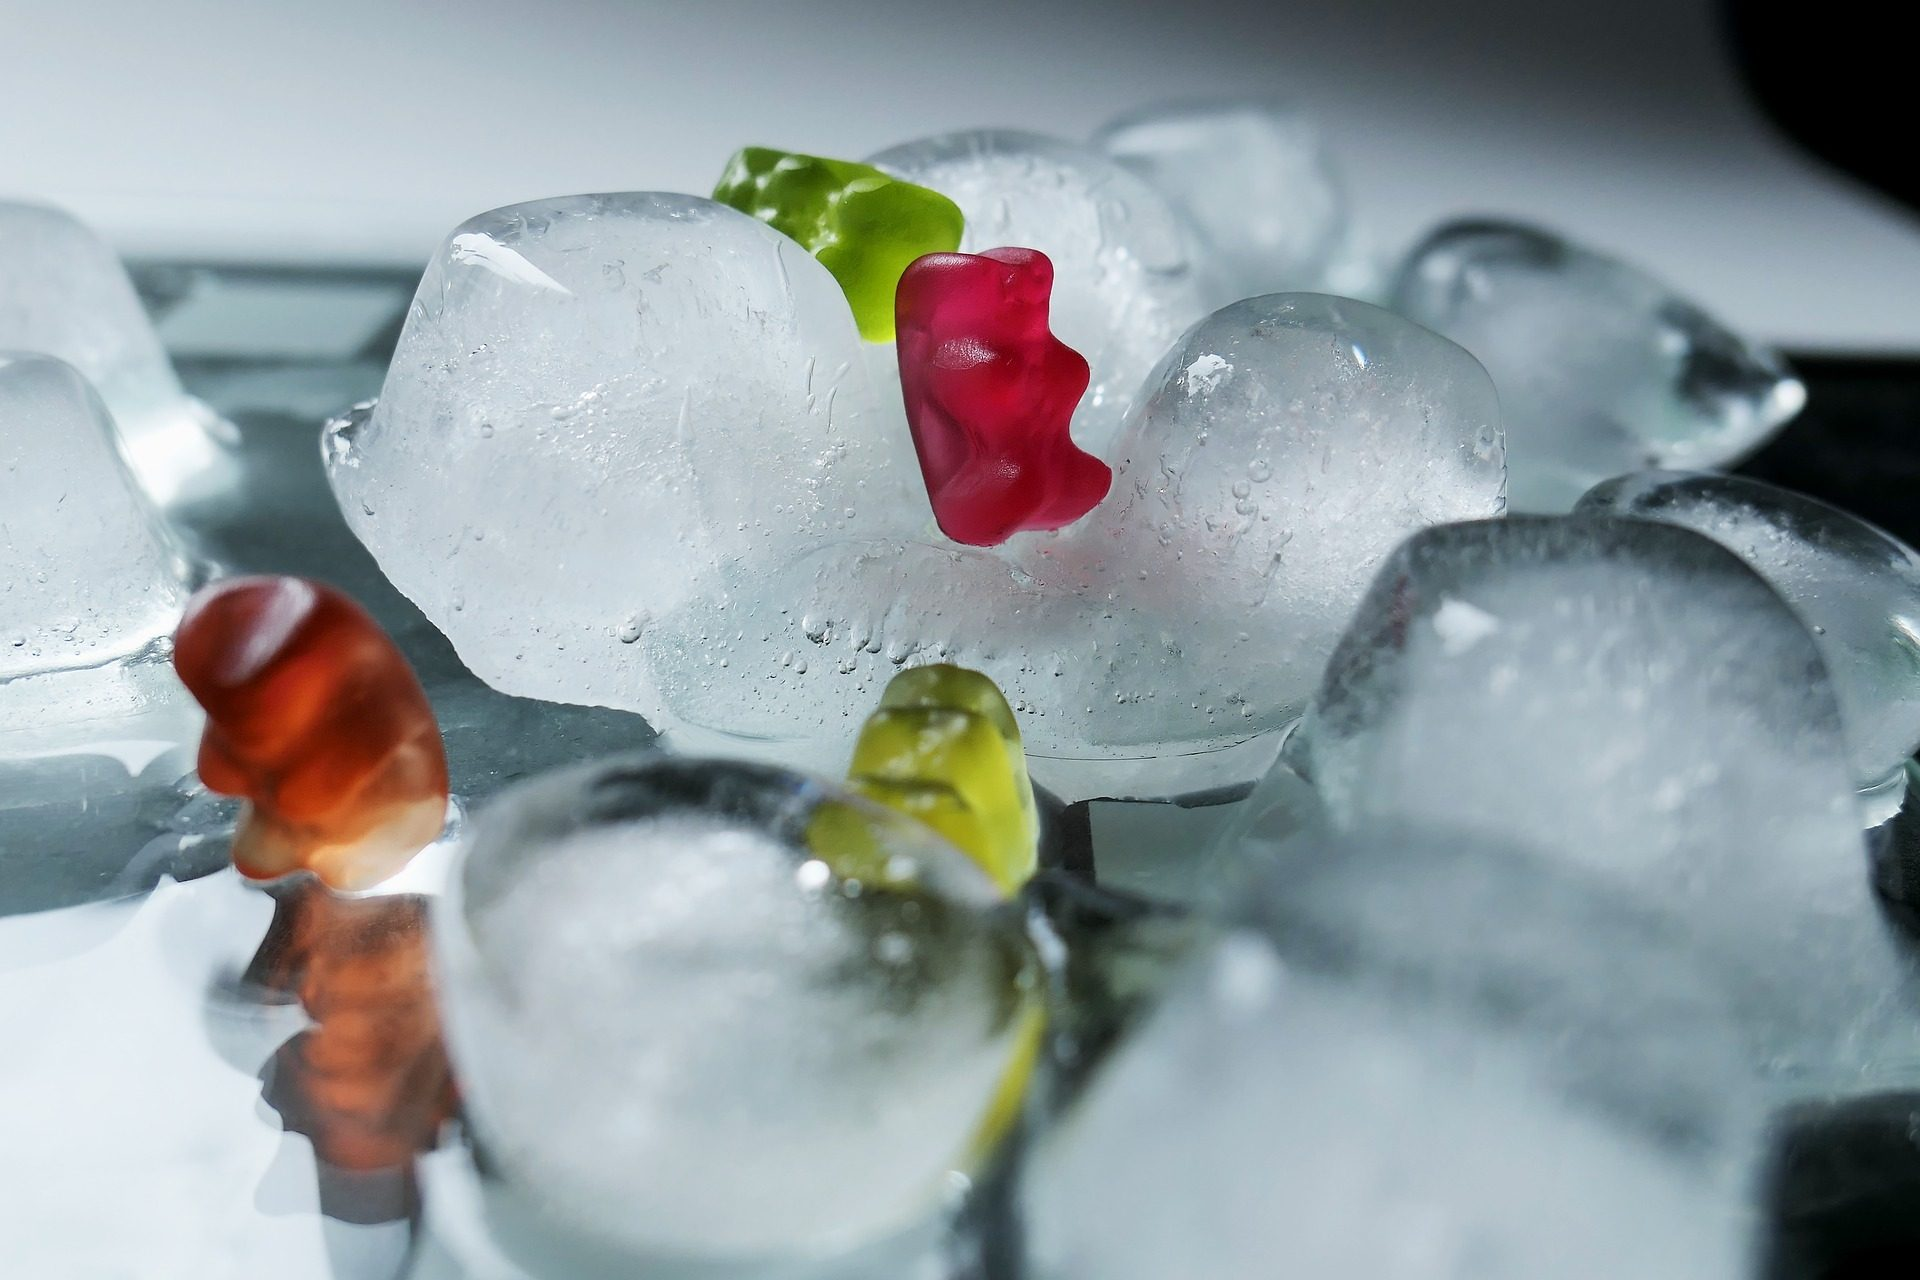 冰, 冰块, 泰迪熊, 软糖, 小玩意 - 高清壁纸 - 教授-falken.com